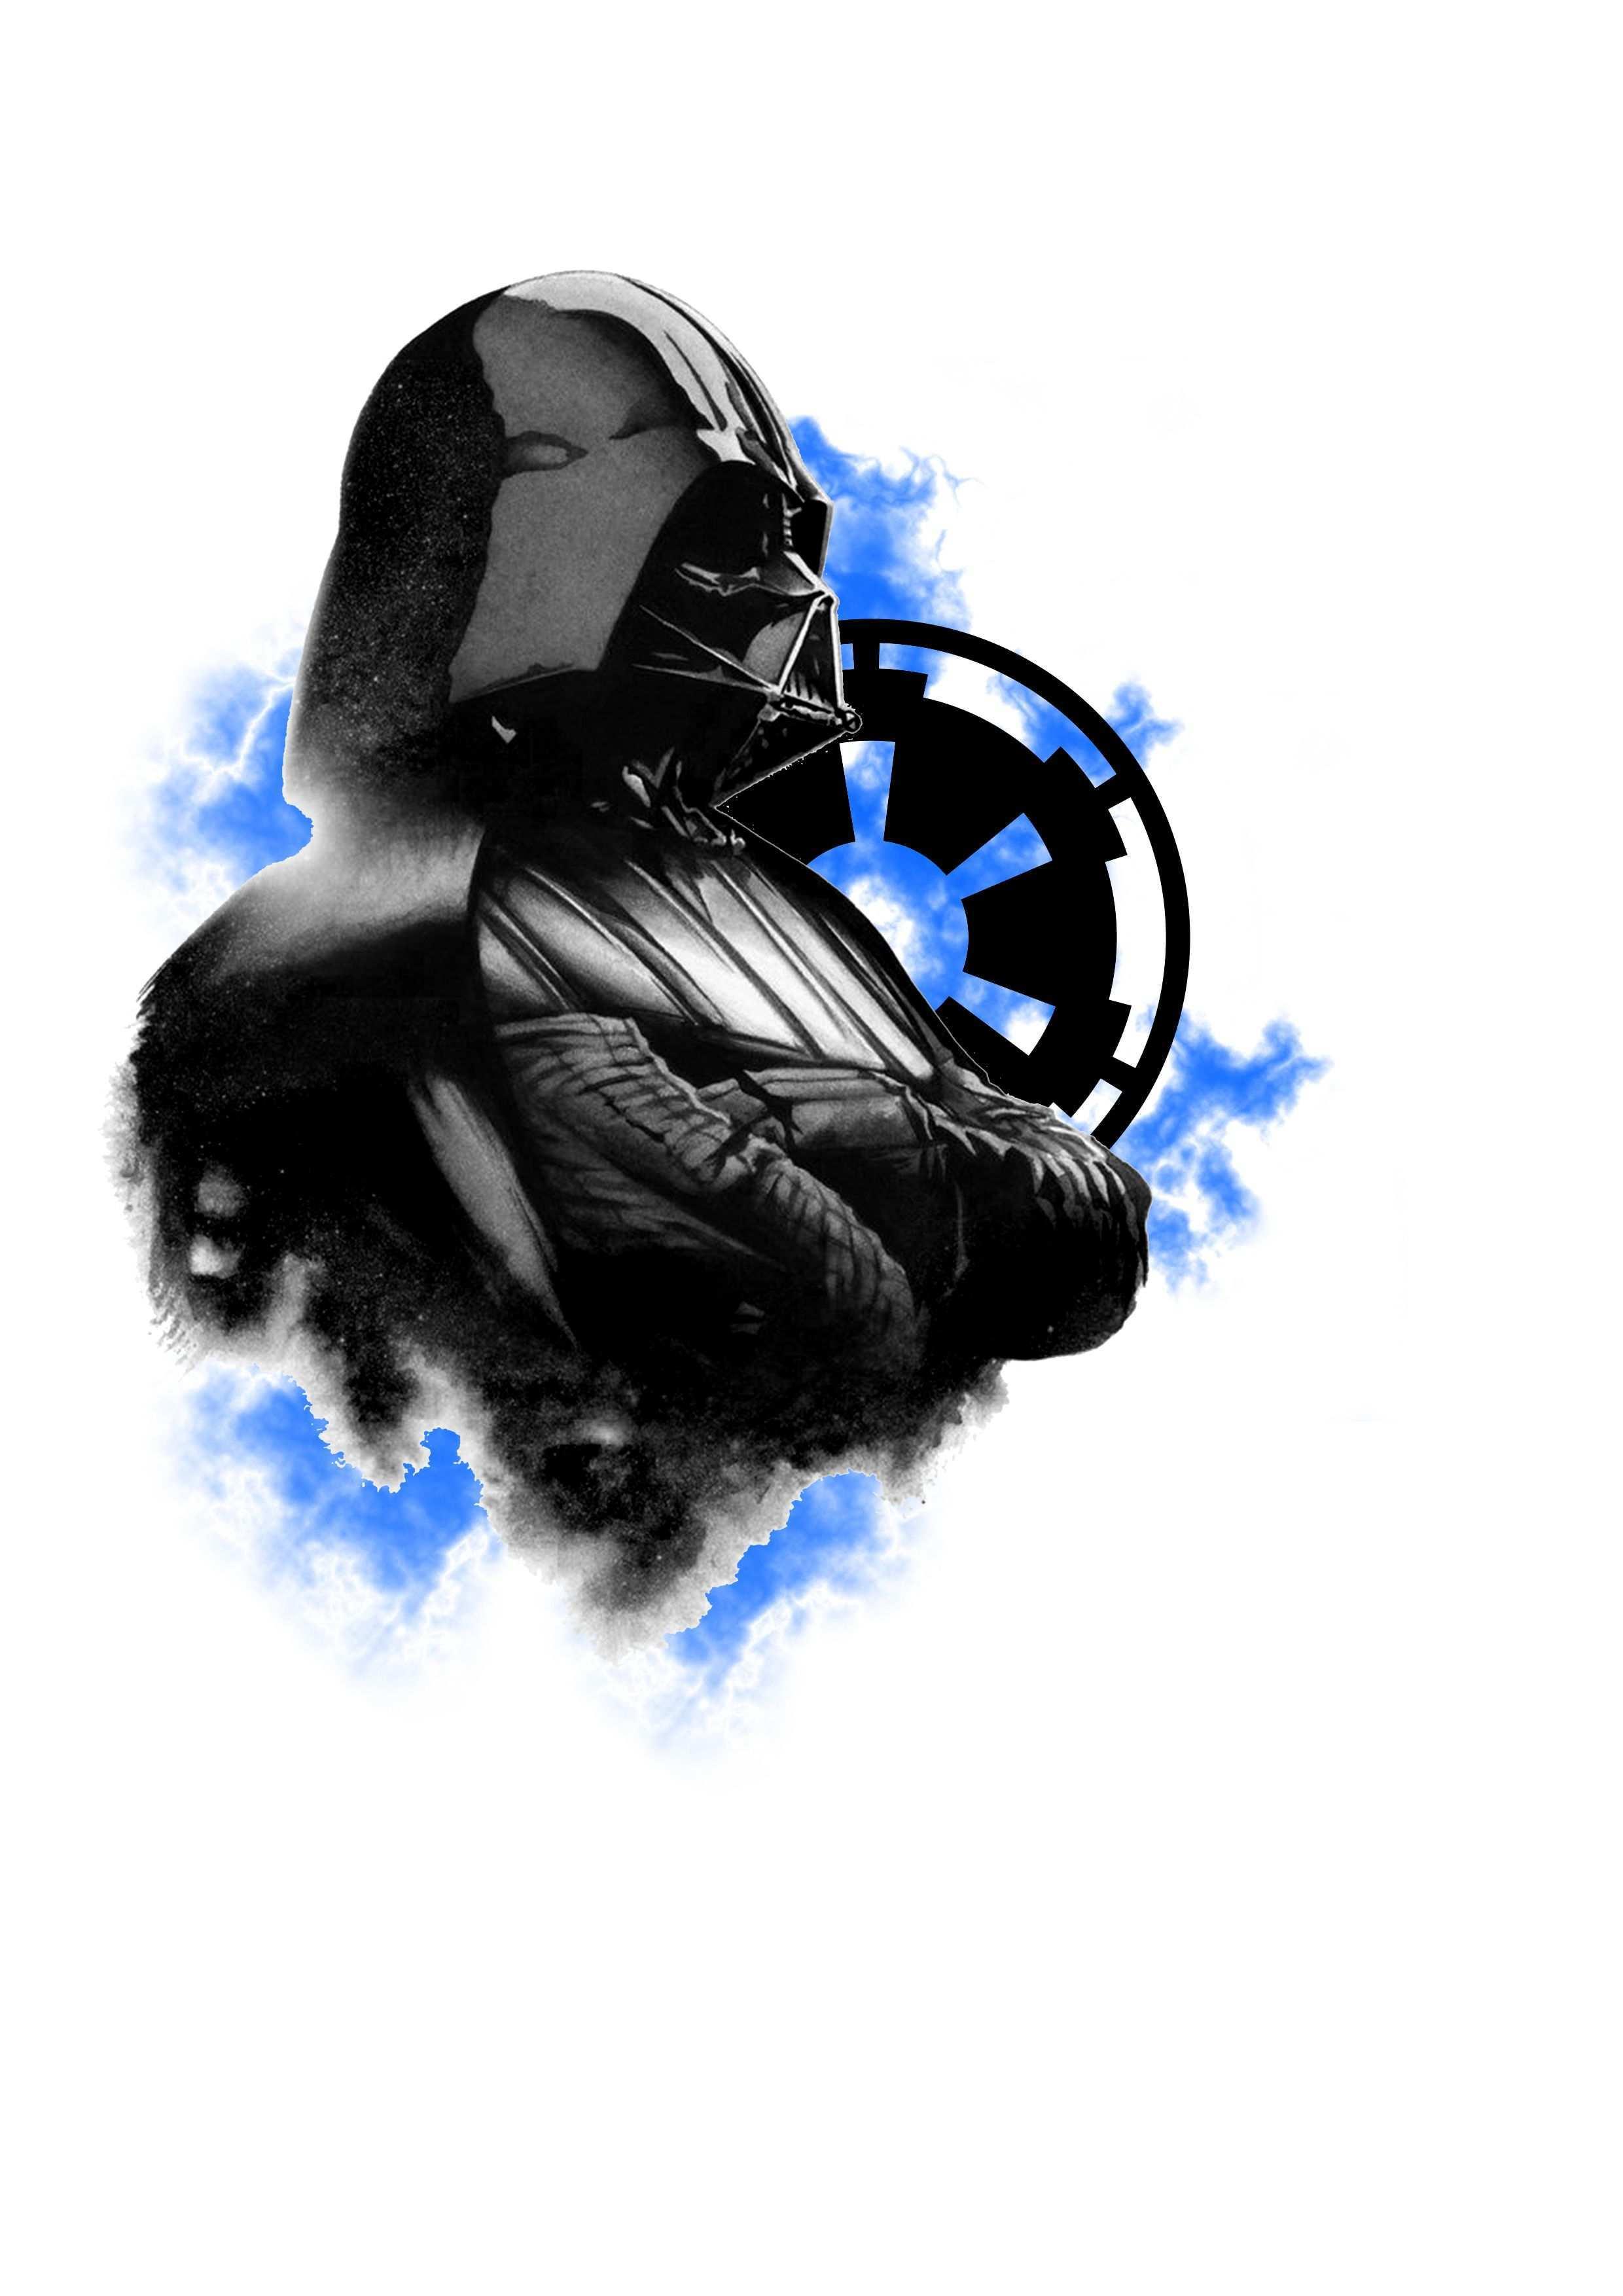 Darth Vader Tattoo Idea Darth Vader Tatuagem Star Wars Star Wars